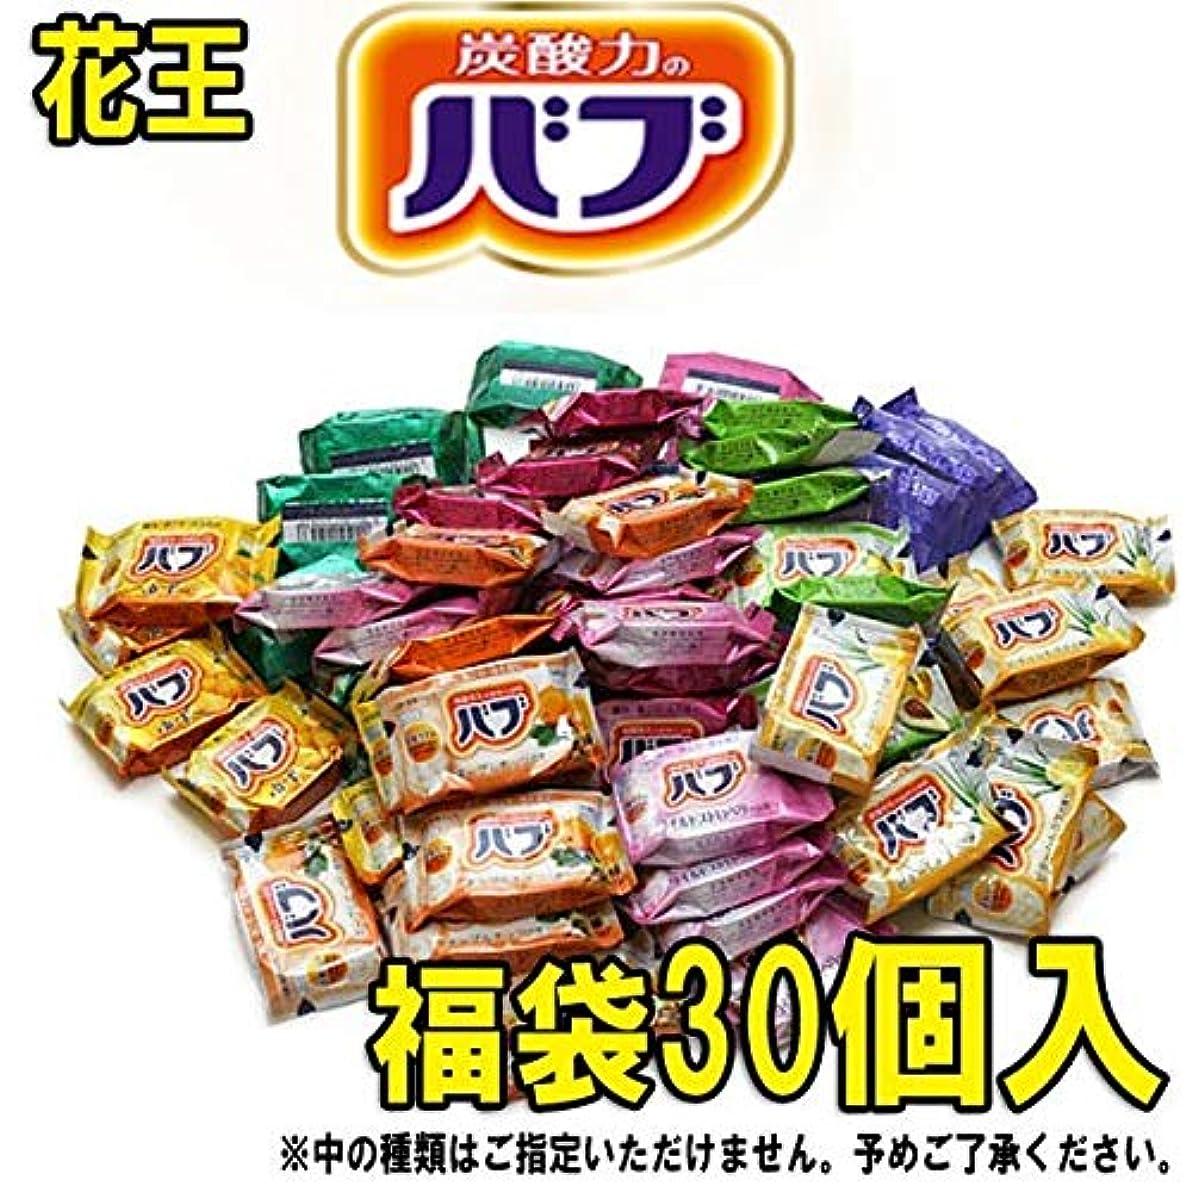 献身バラエティフルーツ野菜BOD ★花王 バブ 福袋 30個入★